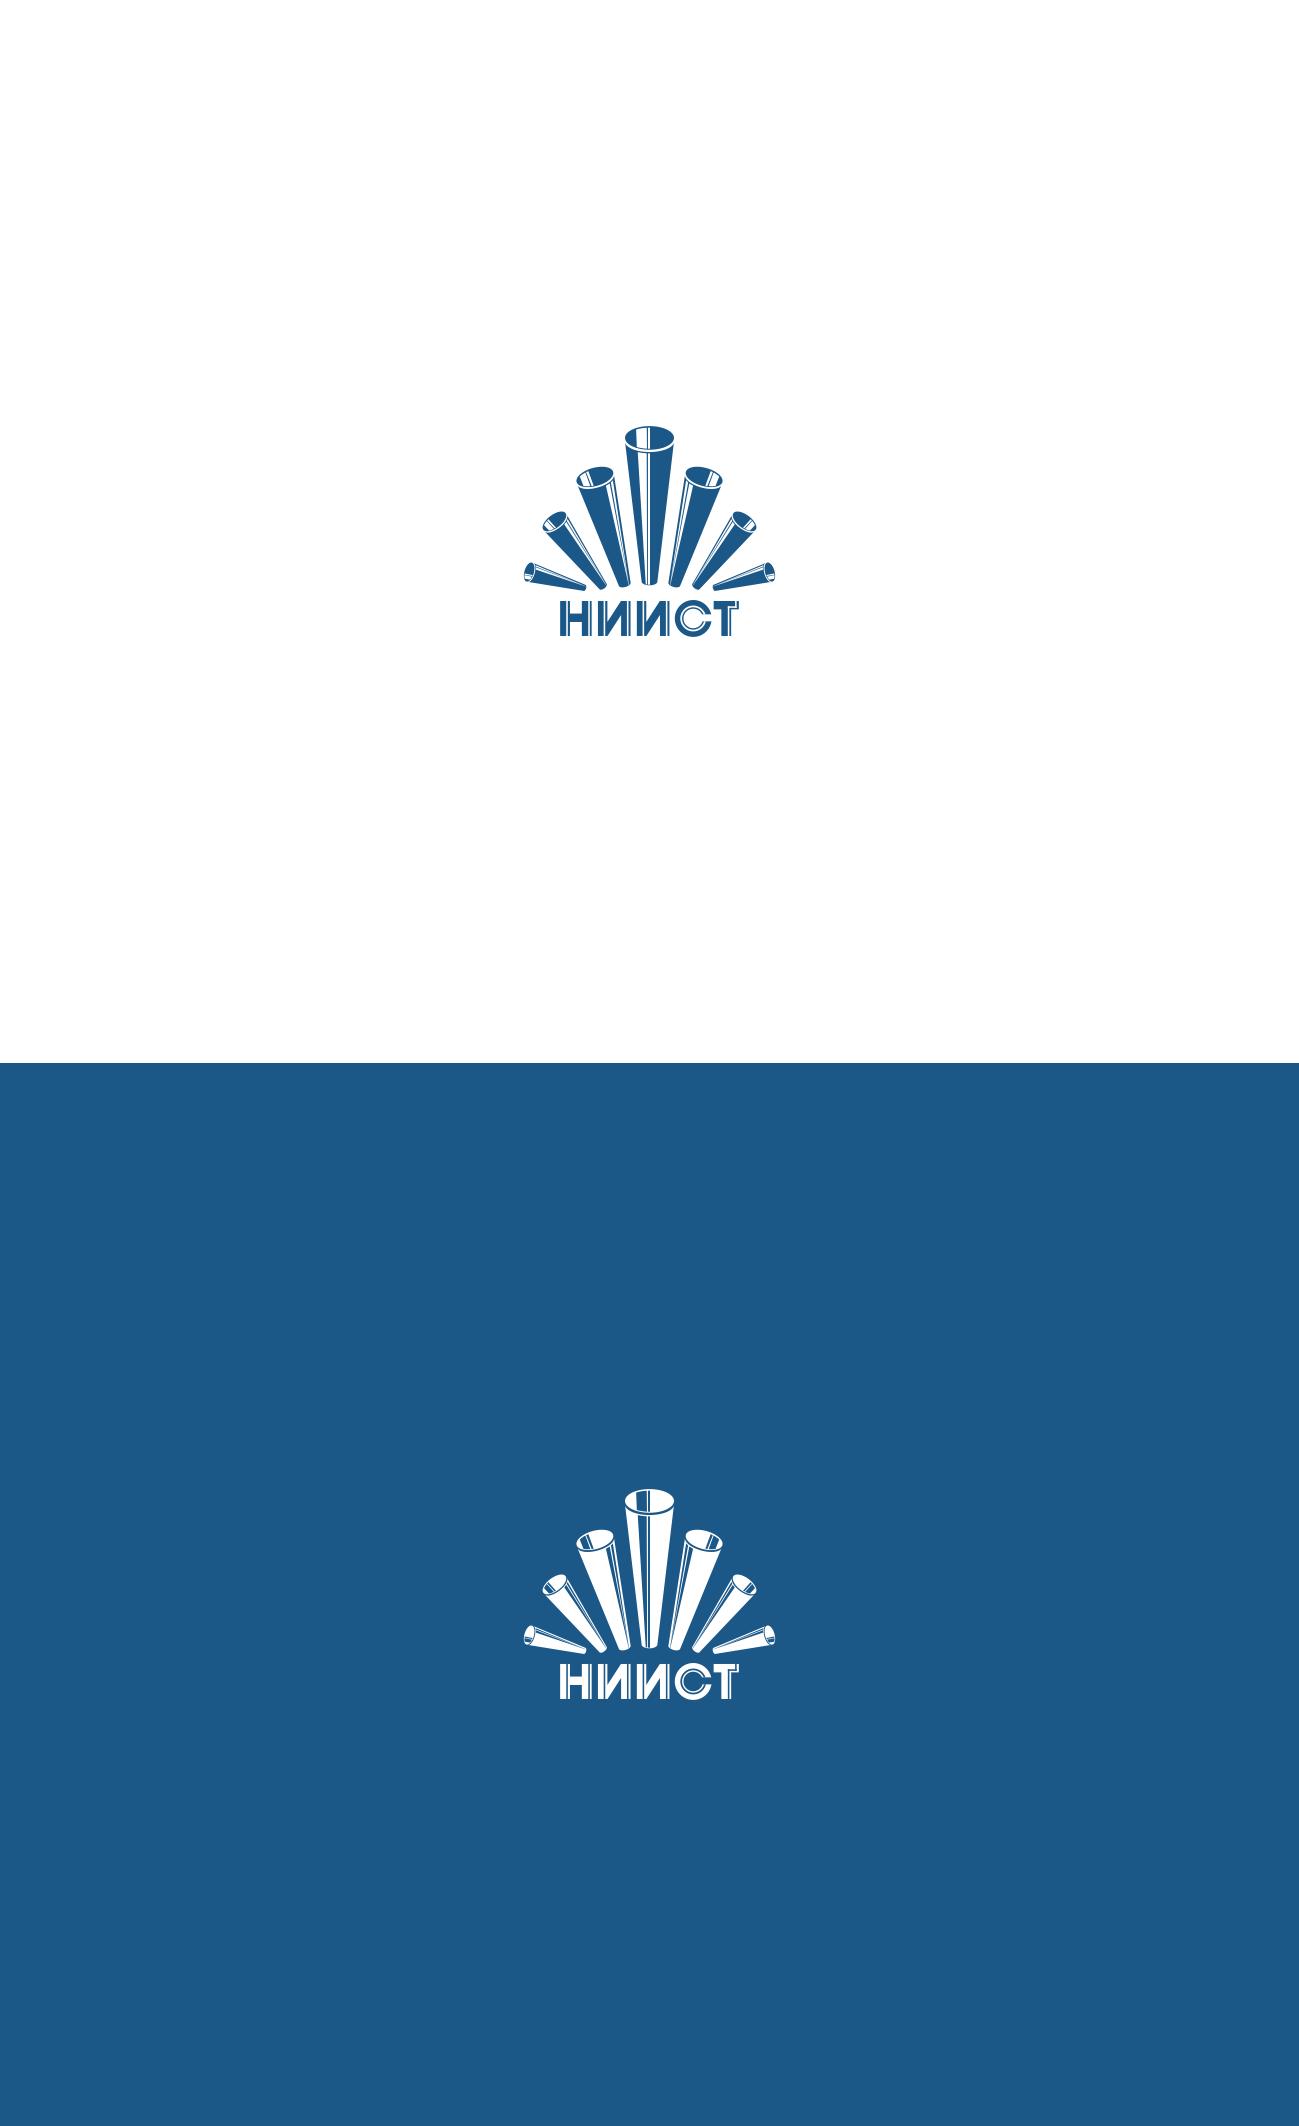 Разработка логотипа фото f_4215ba4d7af5936b.png